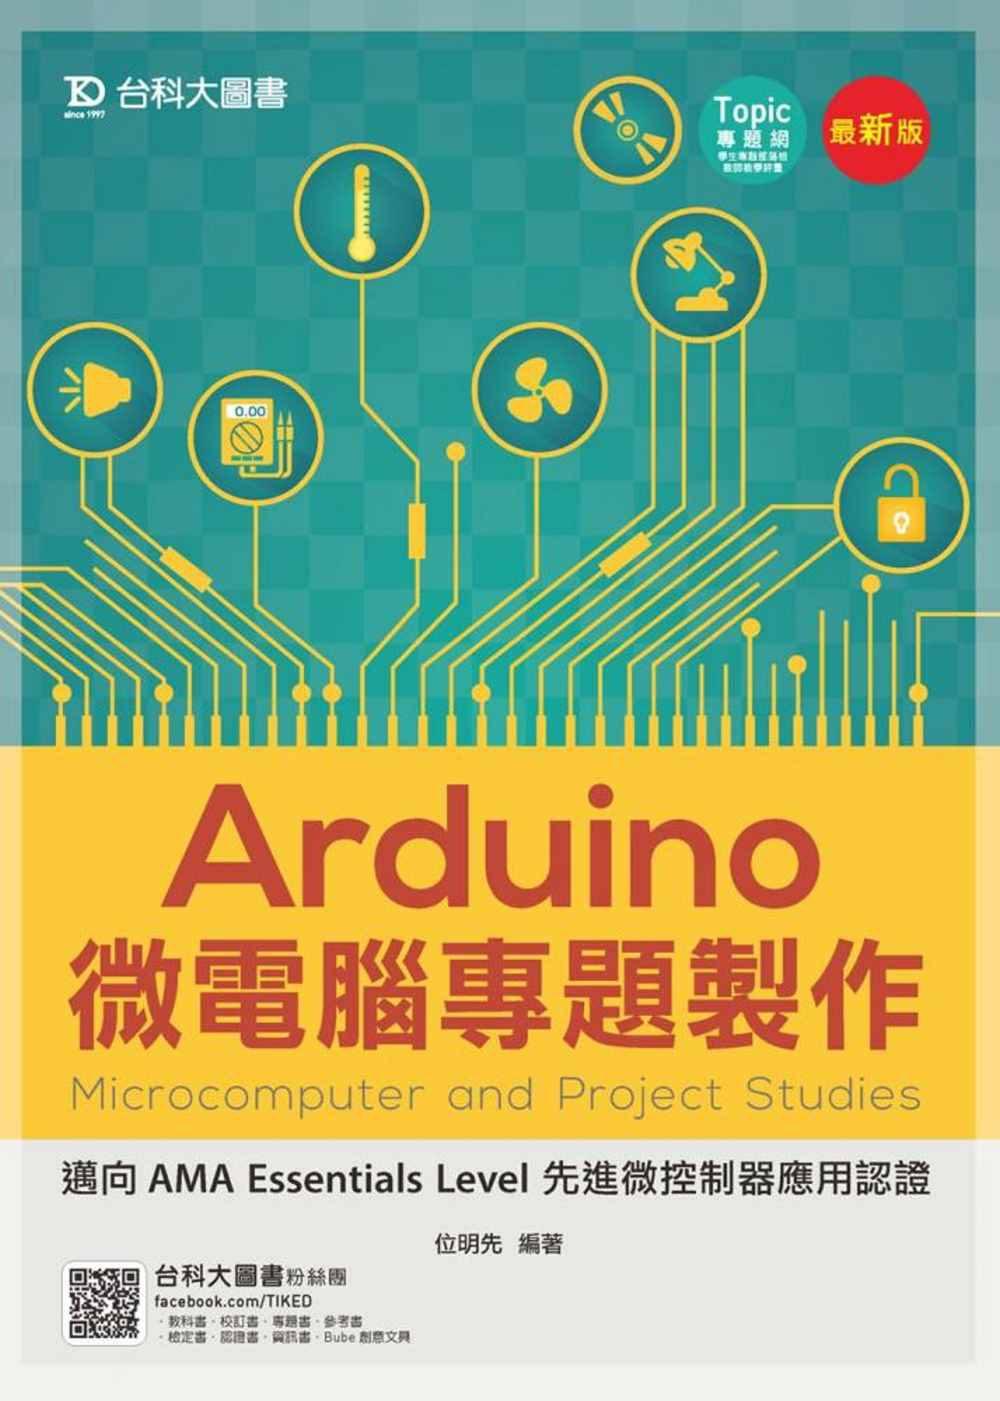 Arduino 微電腦專題製作